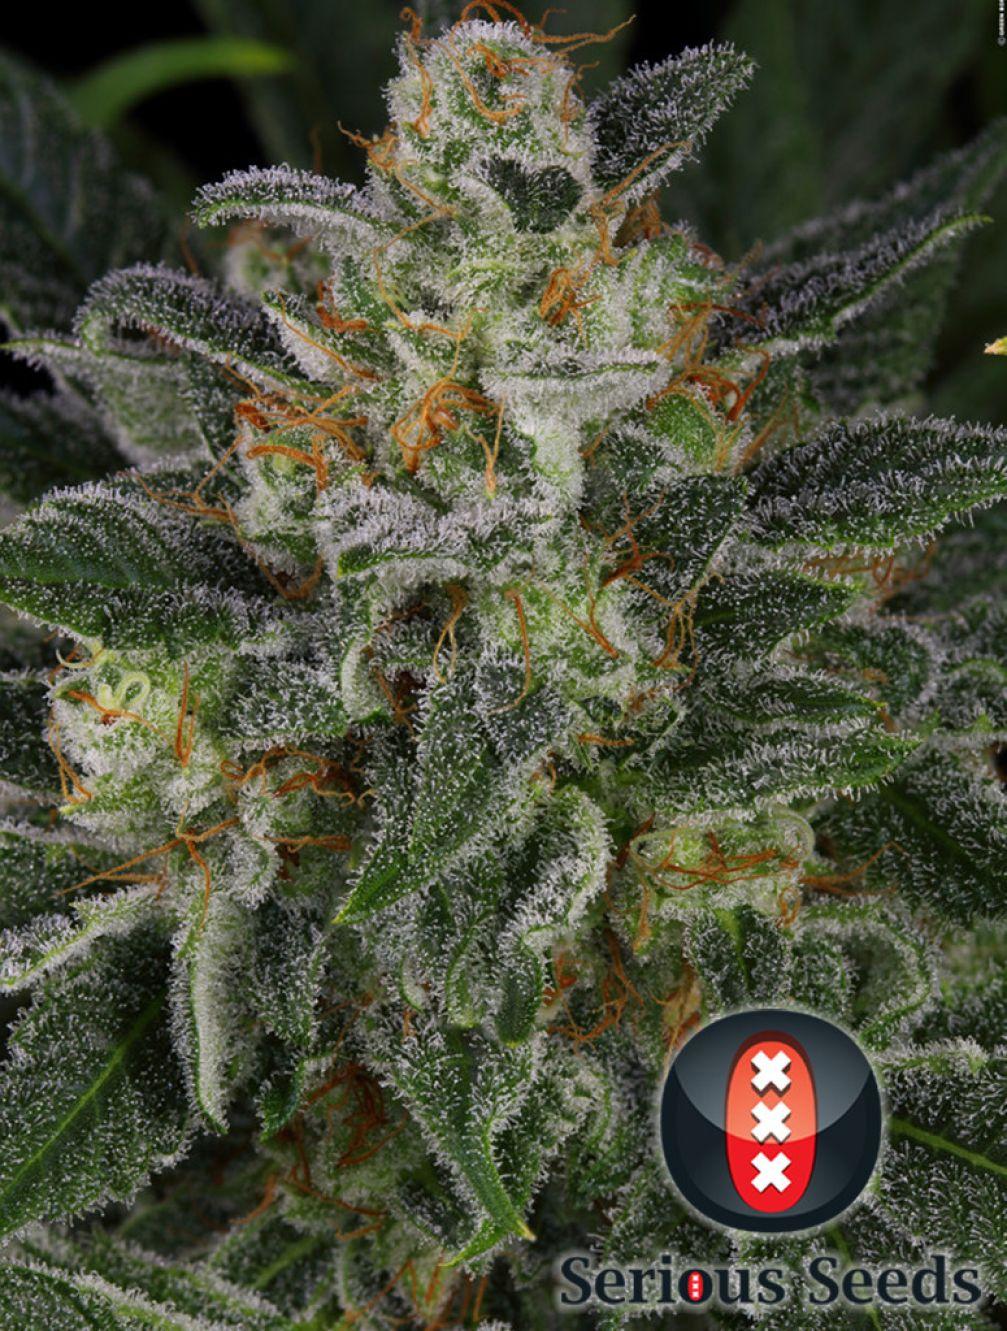 Serious Kush Cannabis Seeds | Serious Seeds